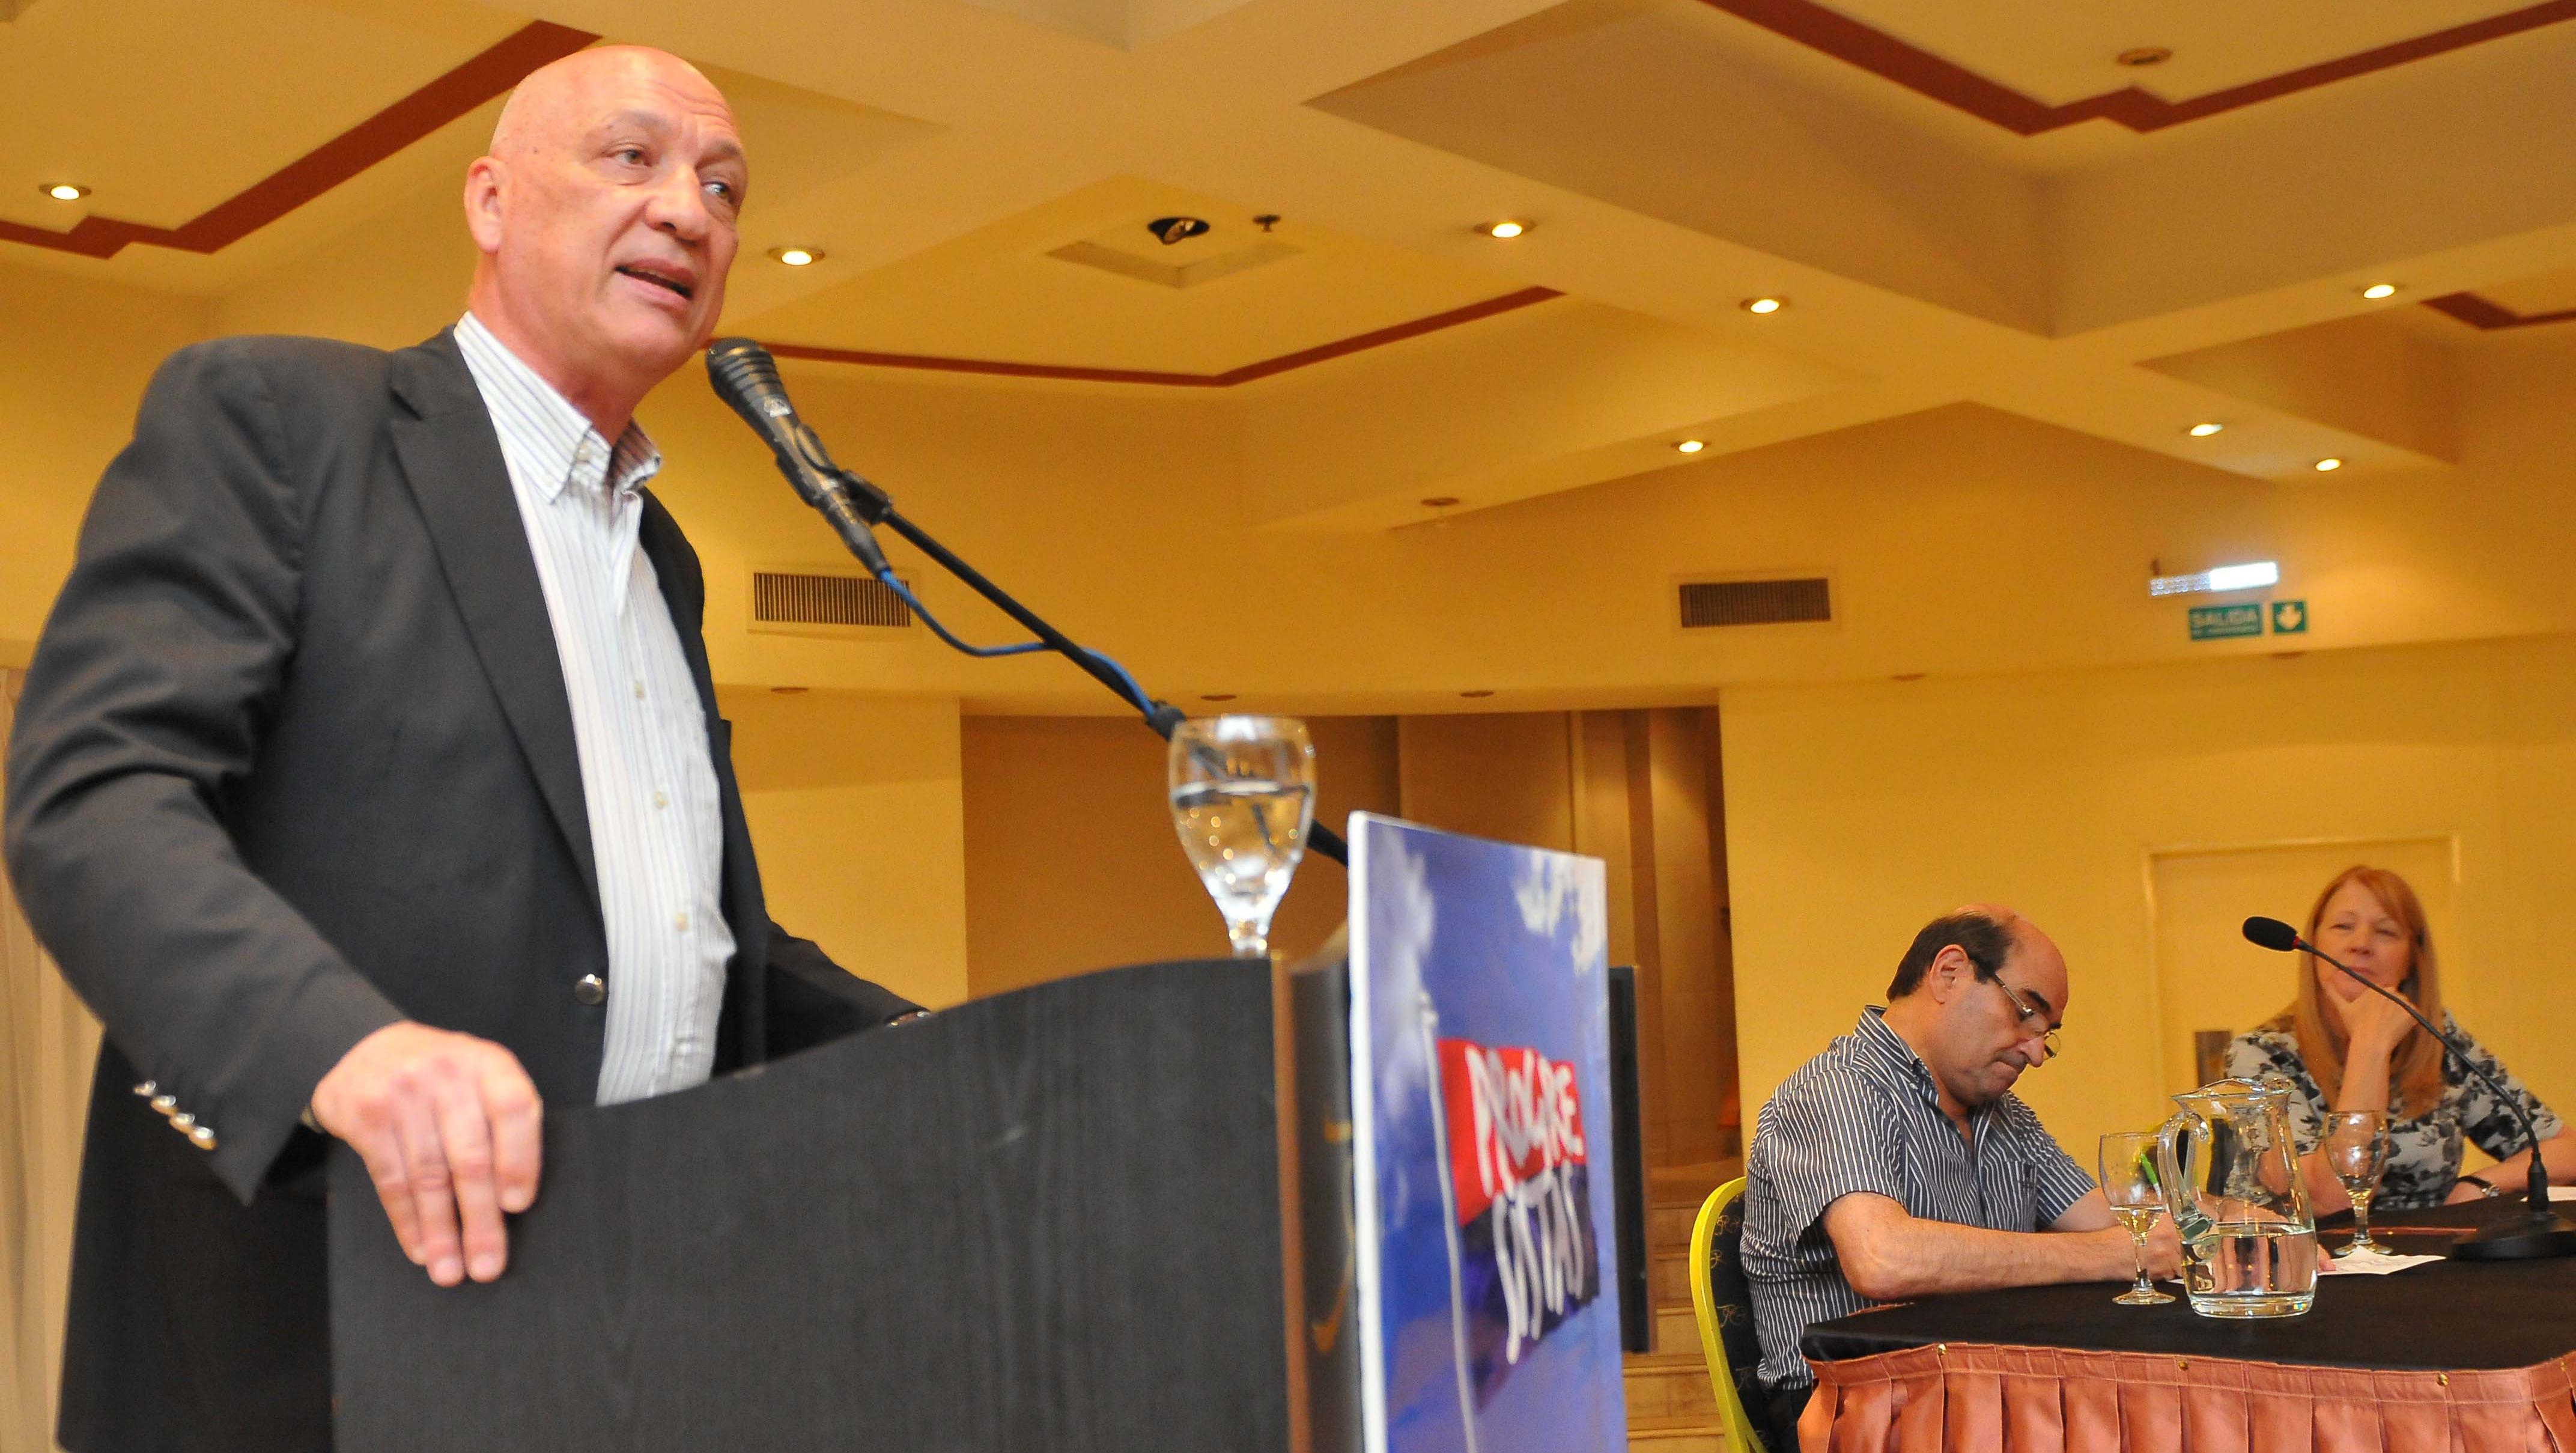 Bonfatti cerró el encuentro nacional de Progresistas junto a Tumini y Stolbizer (Télam)